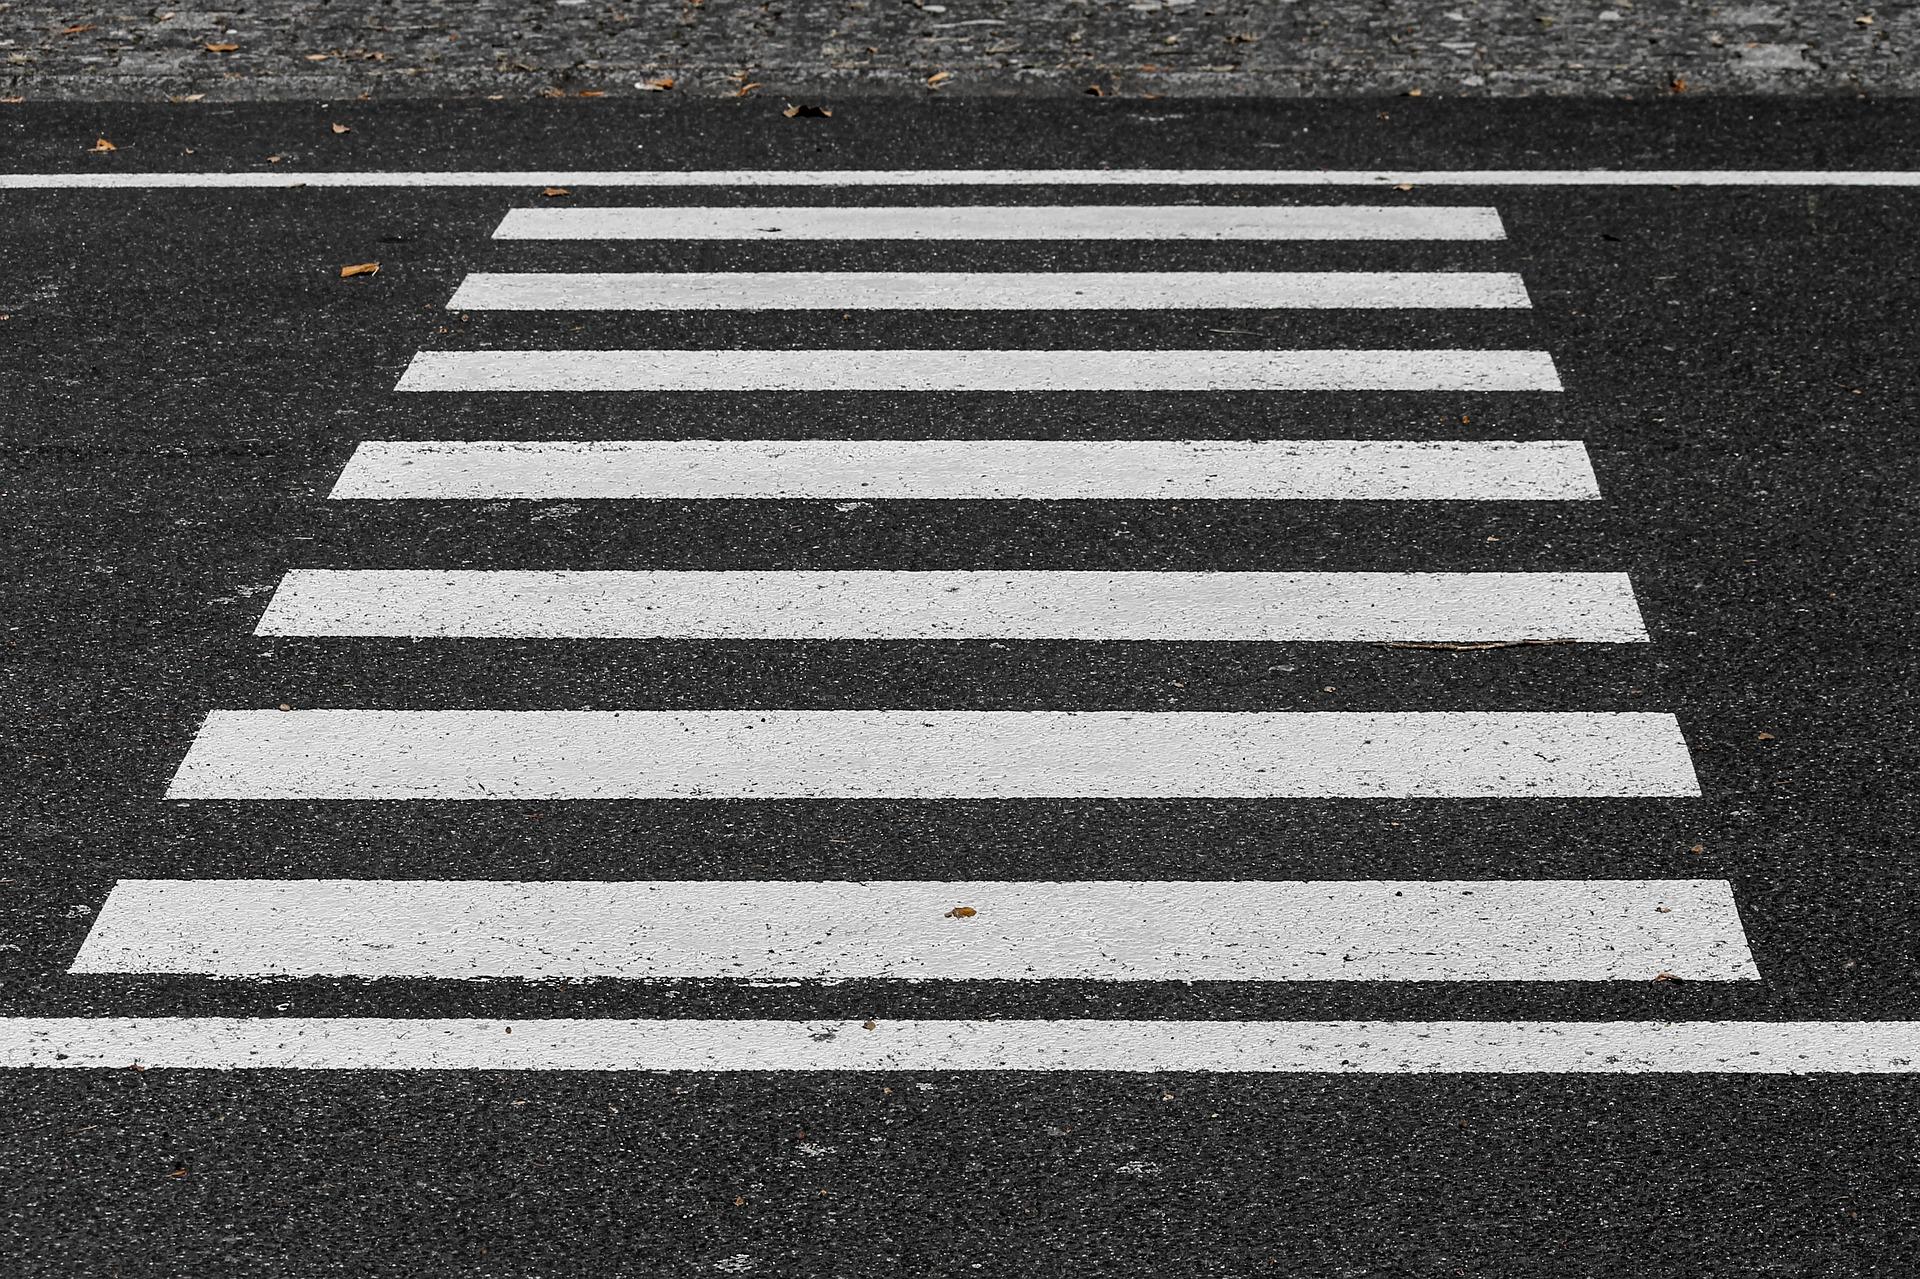 Limpieza de viales, limpieza de calles